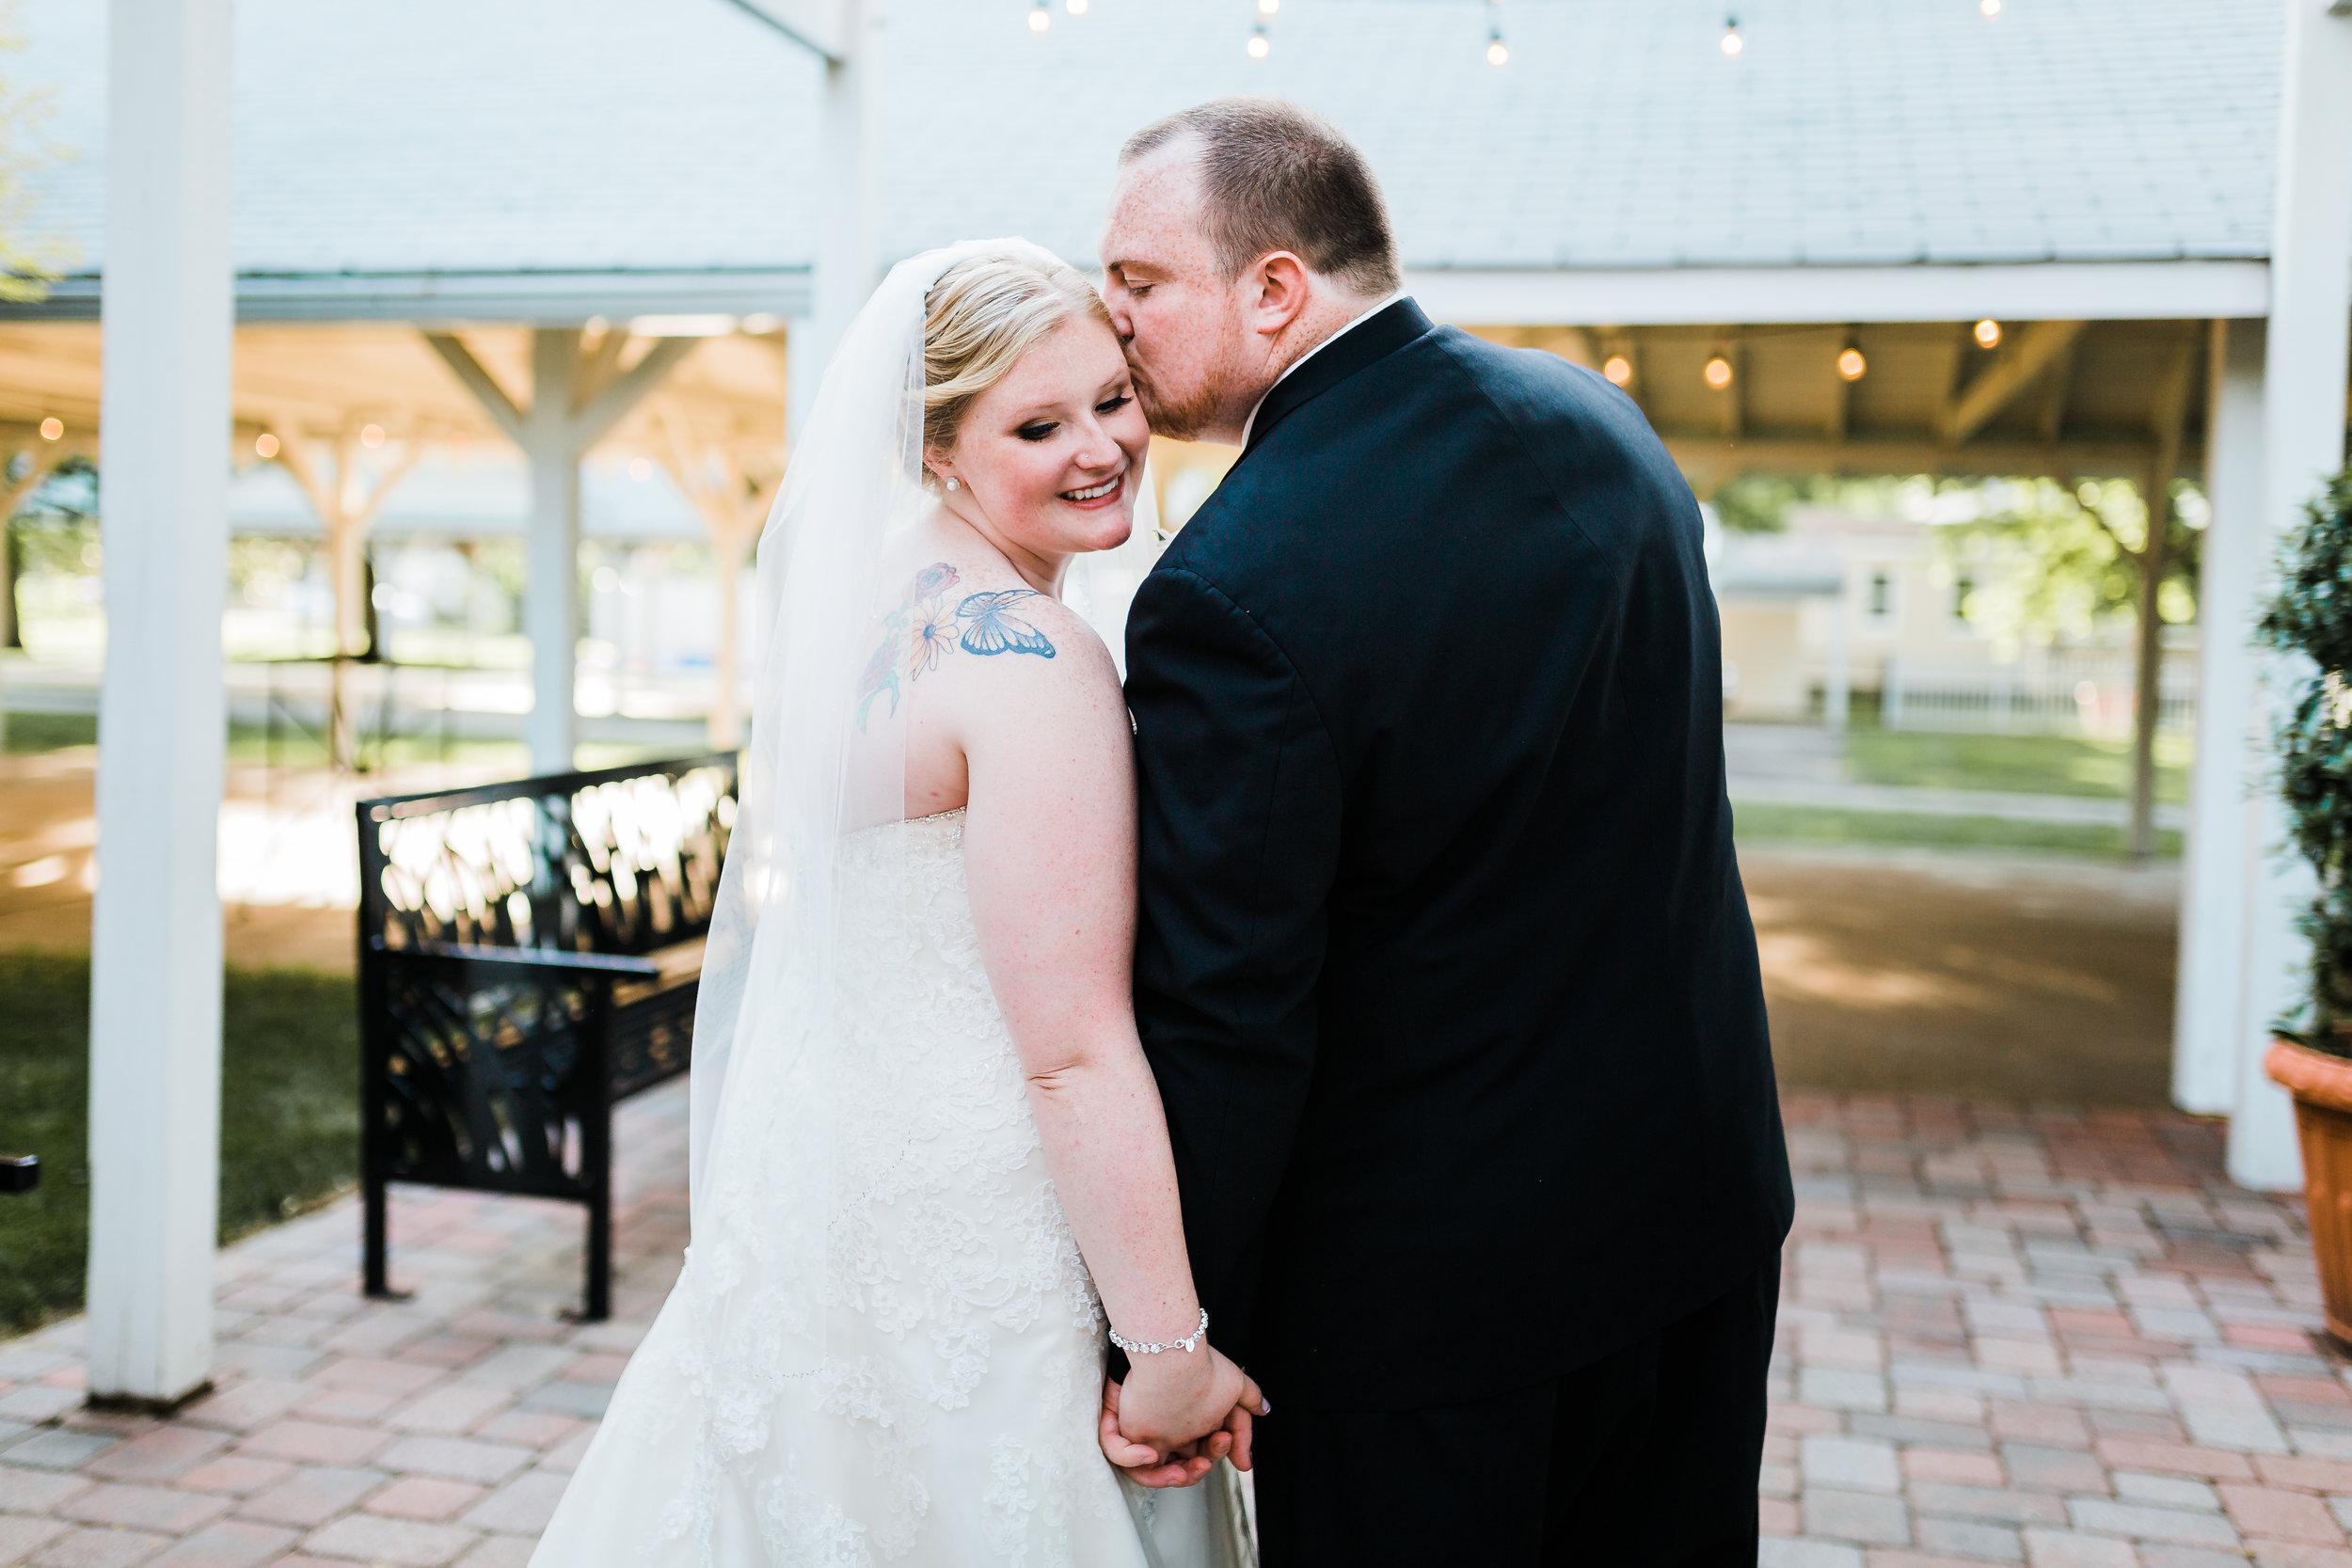 bride and groom portraits - maryland wedding photographer - bayside wedding - waterfront weddings in maryland